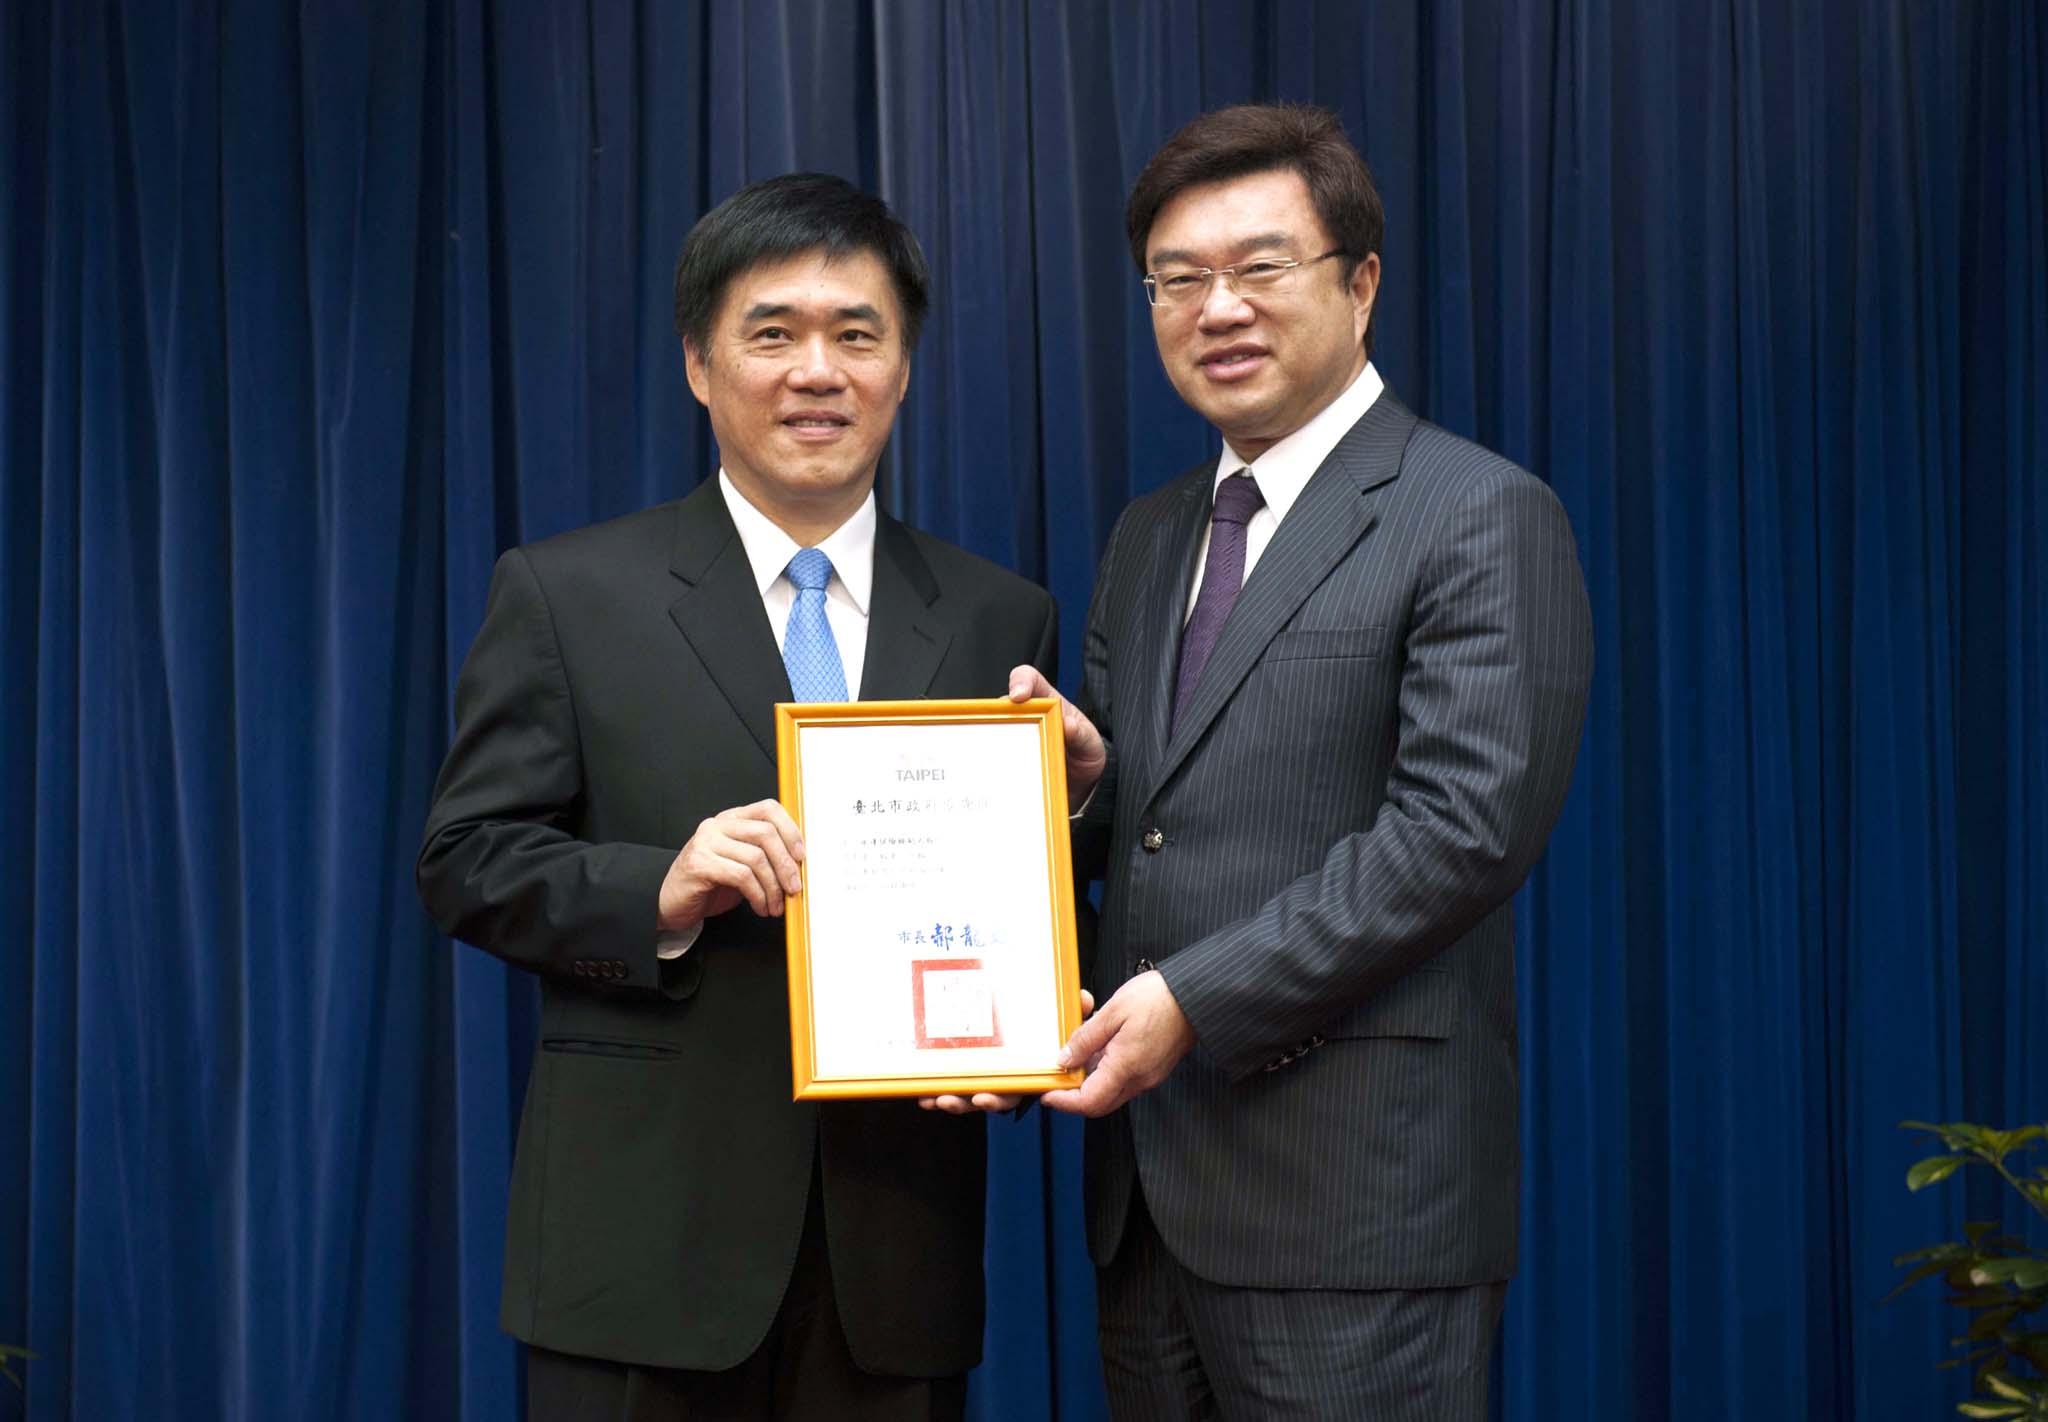 臺北市郝龍斌市長(圖左)頒發感謝狀予永達吳文永董事長(圖右)。